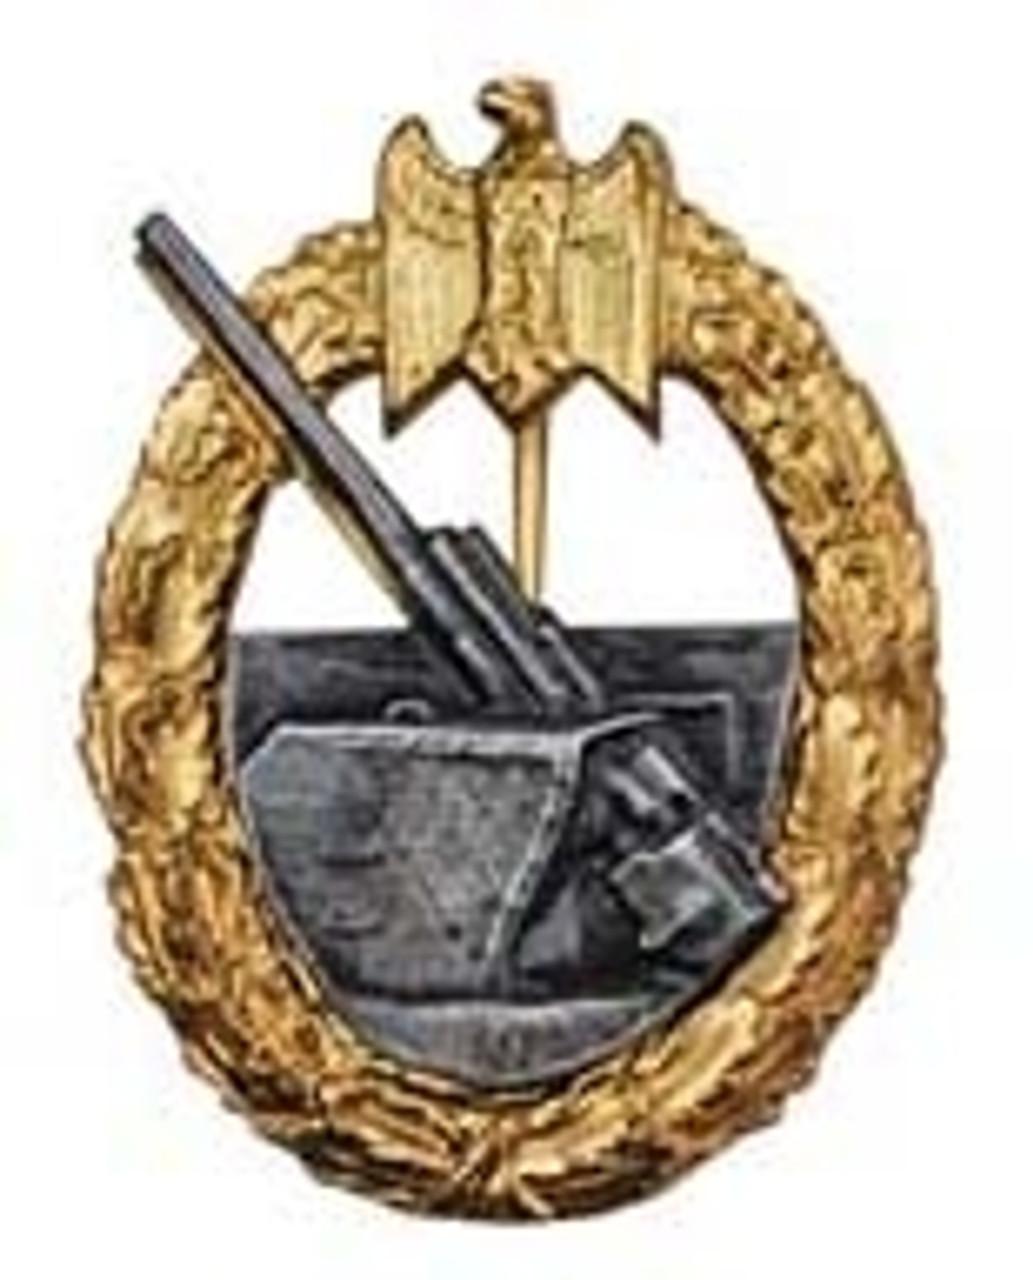 Kriegsmarine War Badge for Coastal Artillery (Kriegsmarienabzeichen fuer die Marineartillery) from Hessen Antique